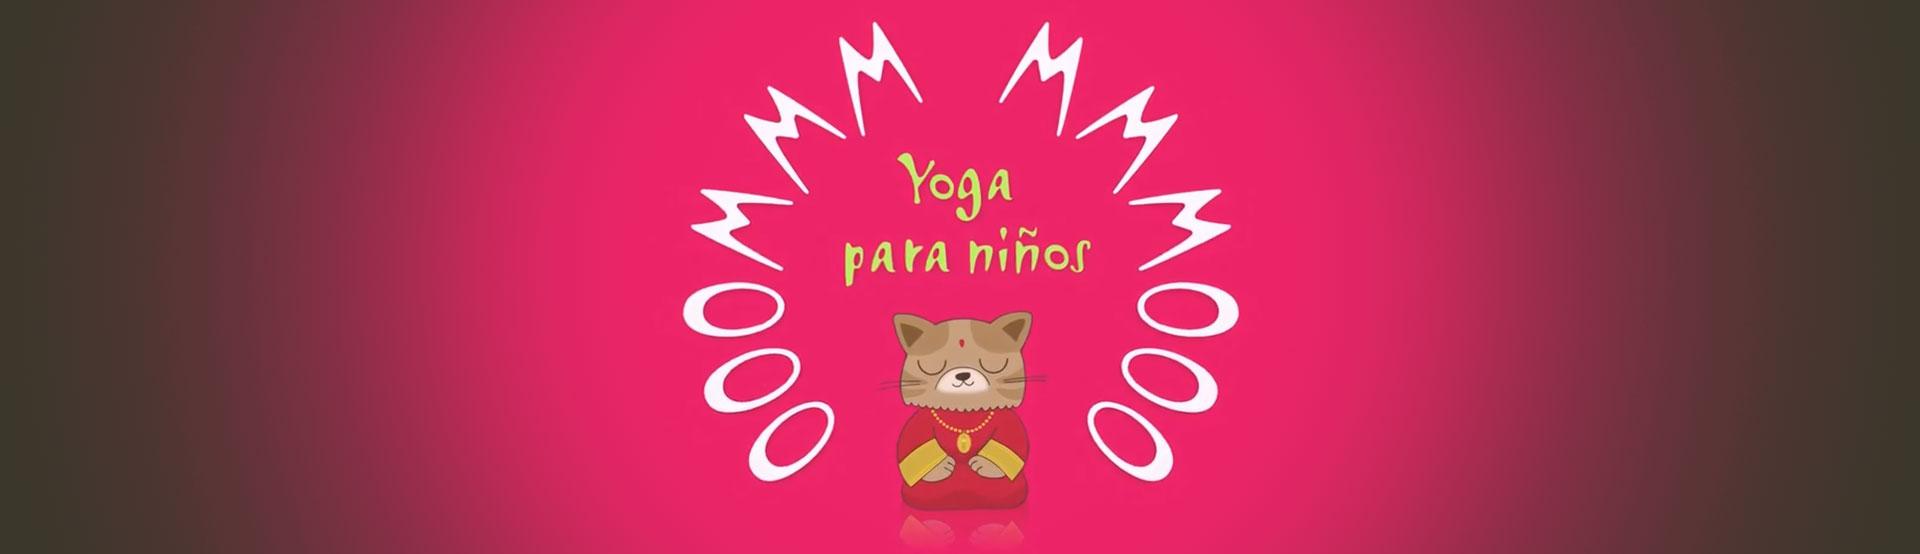 Ooommm Mmmooo Yoga For Children (Spanish)